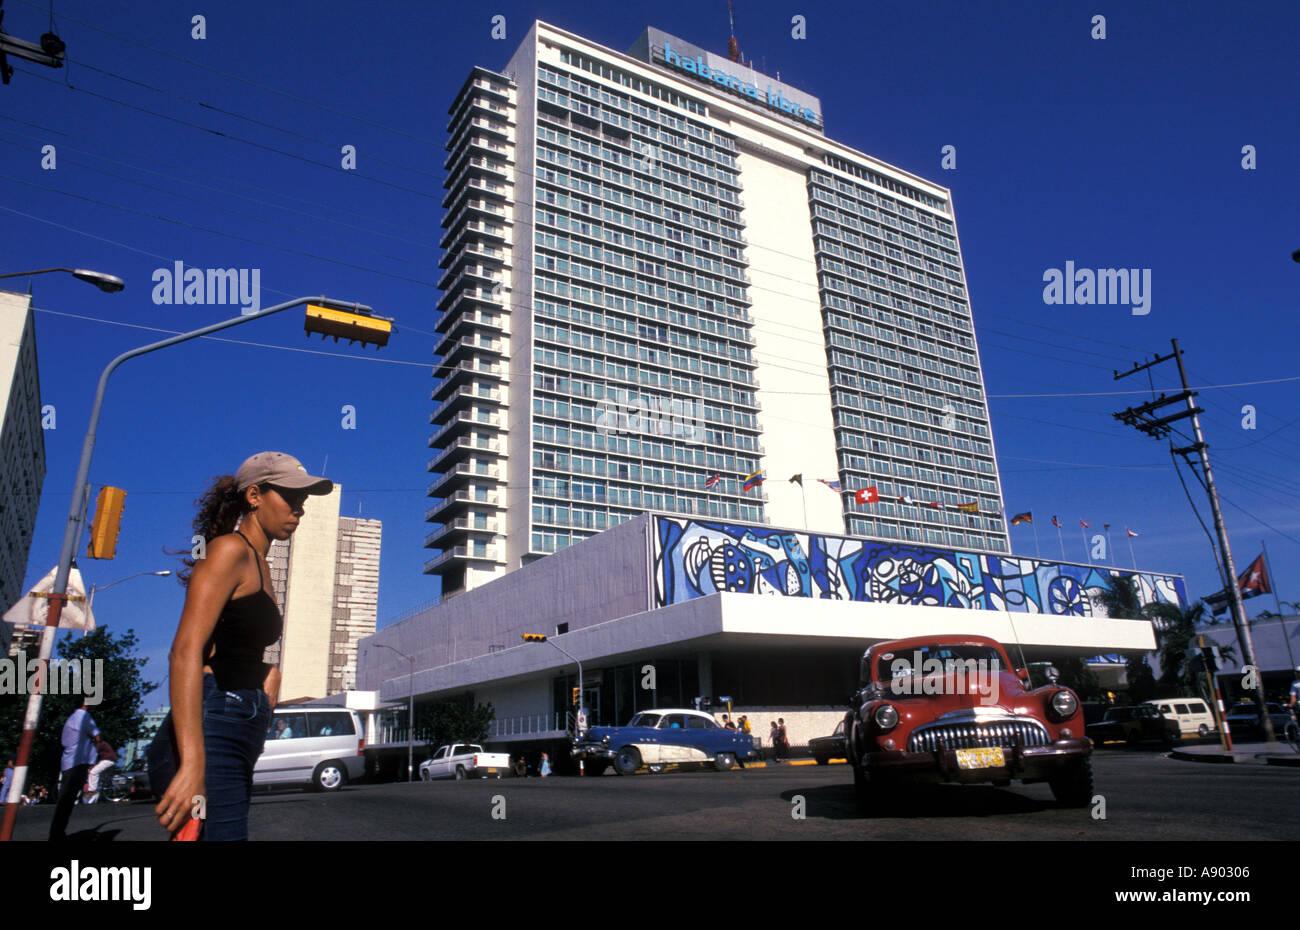 Habana Libre Hotel Vedado Havana Cuba Stock Photo: 590598 ...